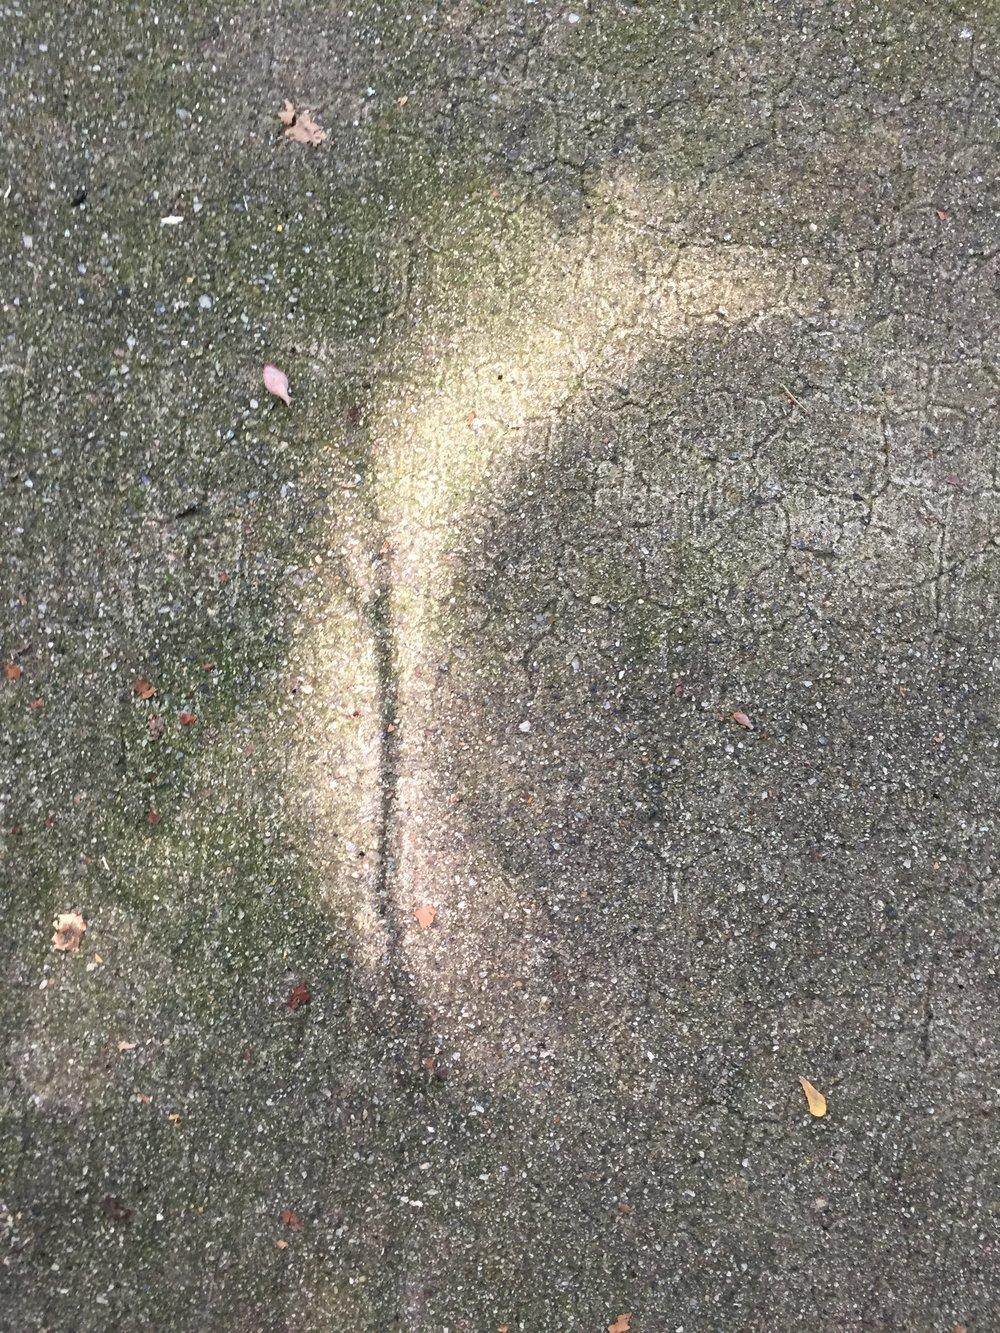 moon-shadow-on-driveway.jpg